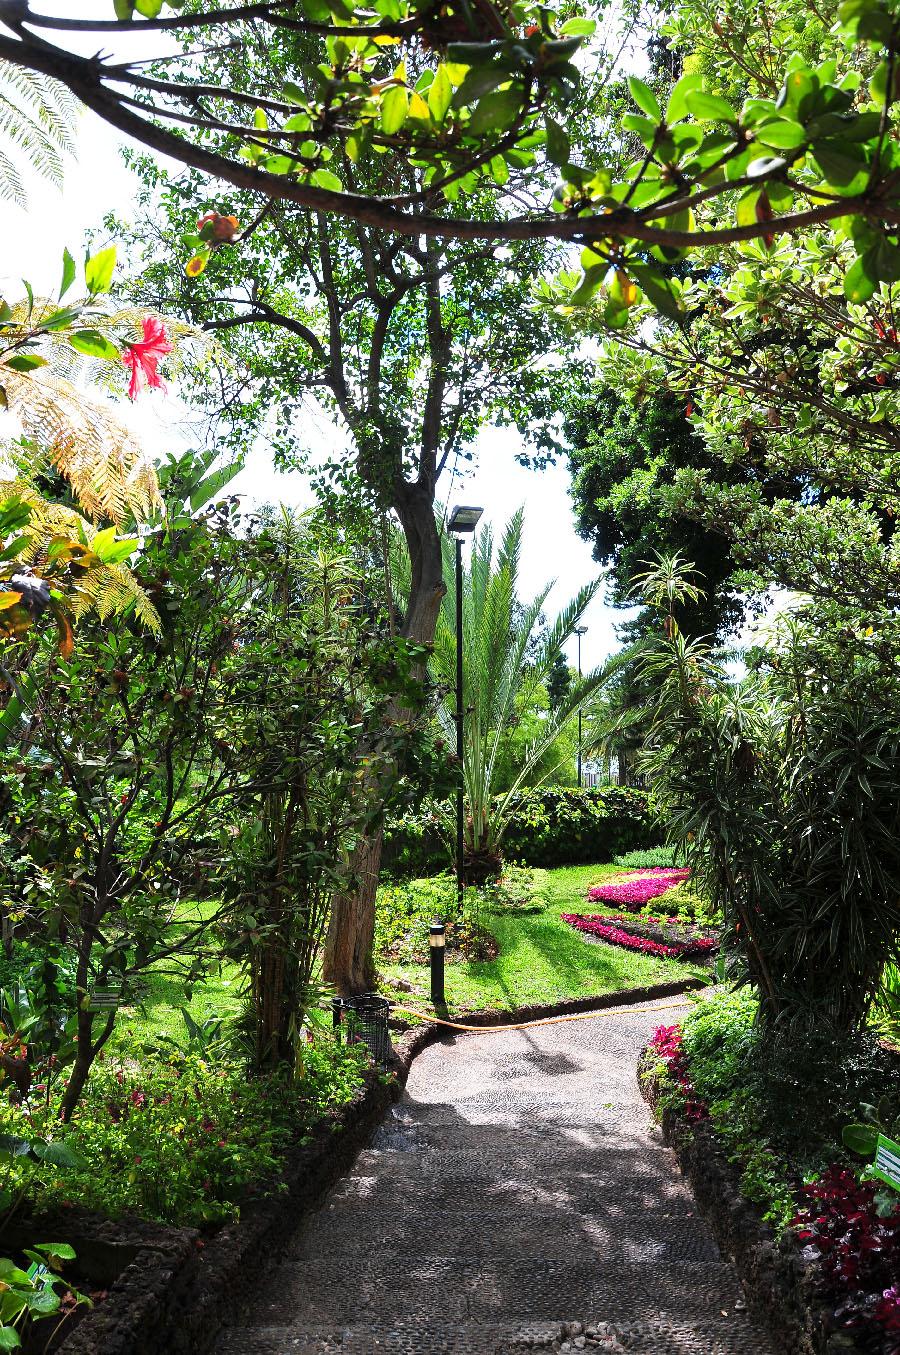 parc santa catarina, funchal